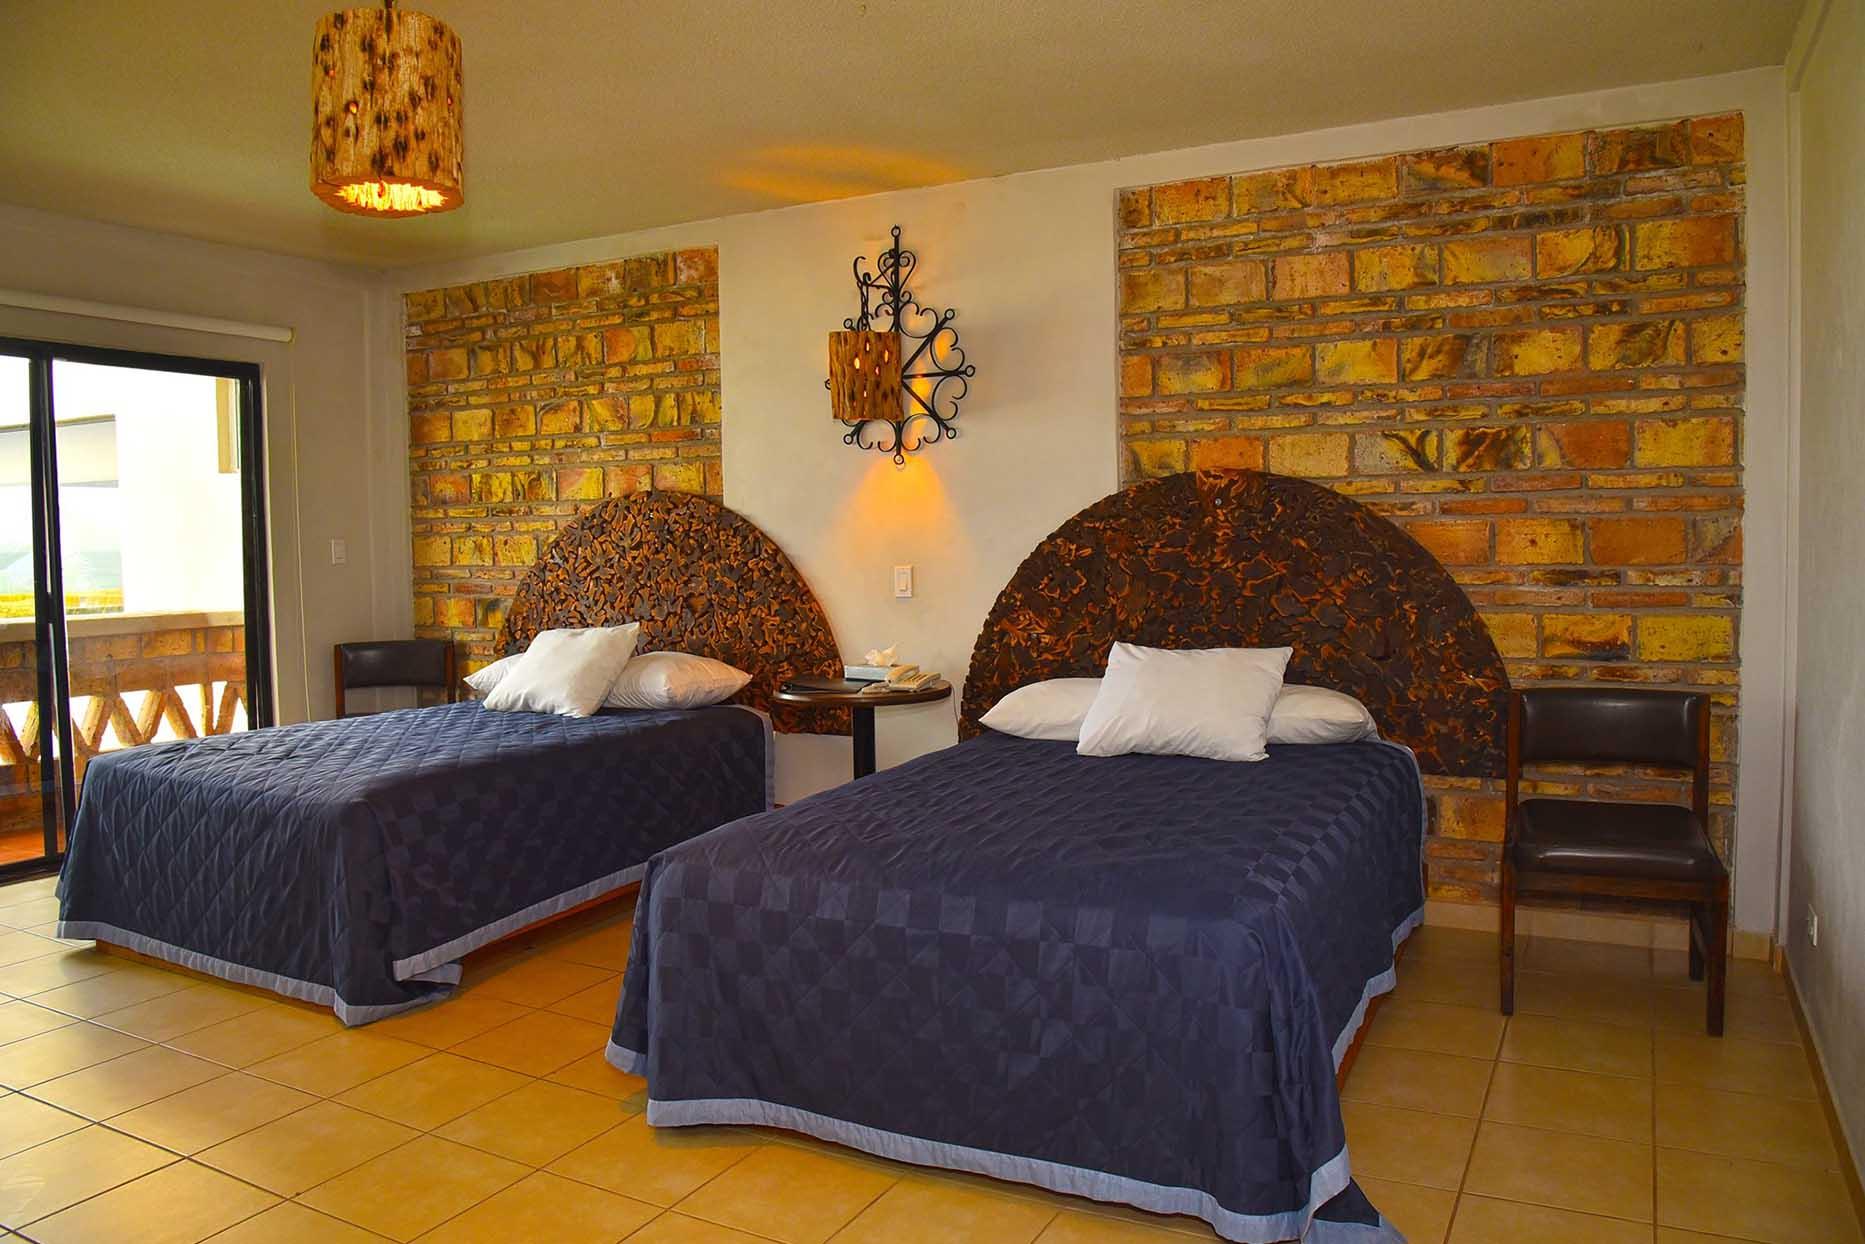 Hotel Los Pelicanos habitacion doble